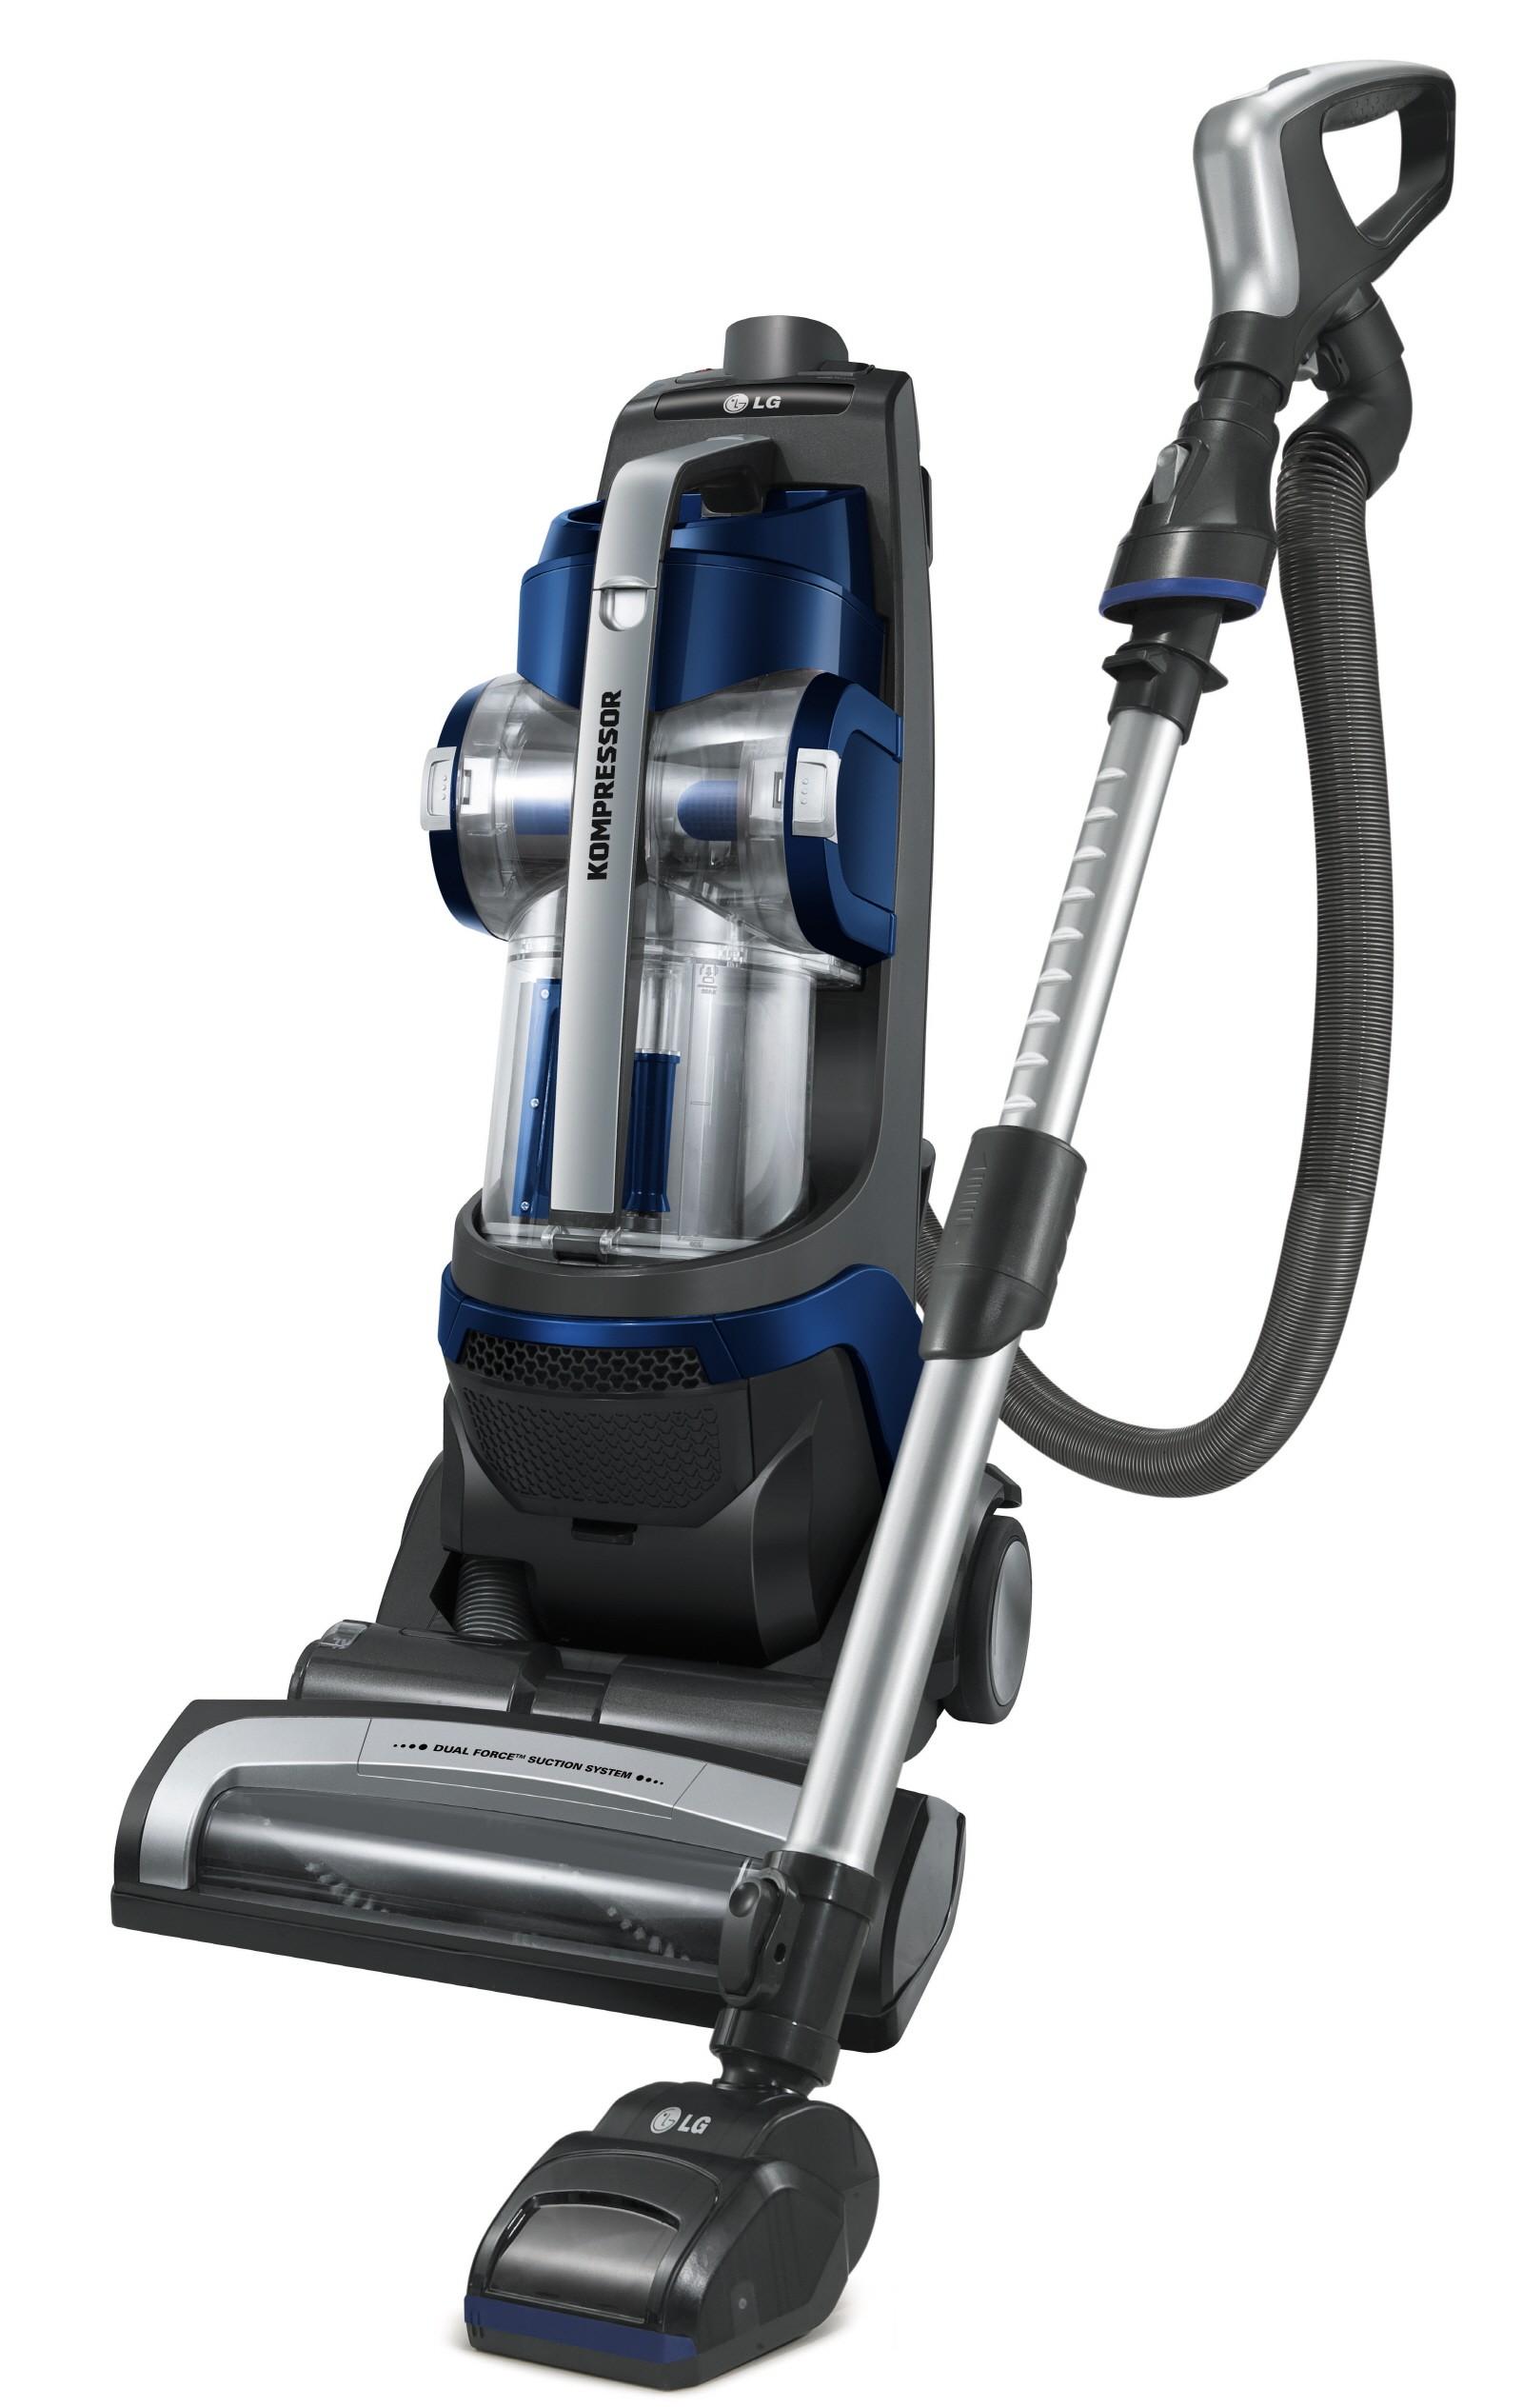 LG'S KOMPRESSOR VACUUM CLEANER PROVIDES OPTIMUM ... Vacuum